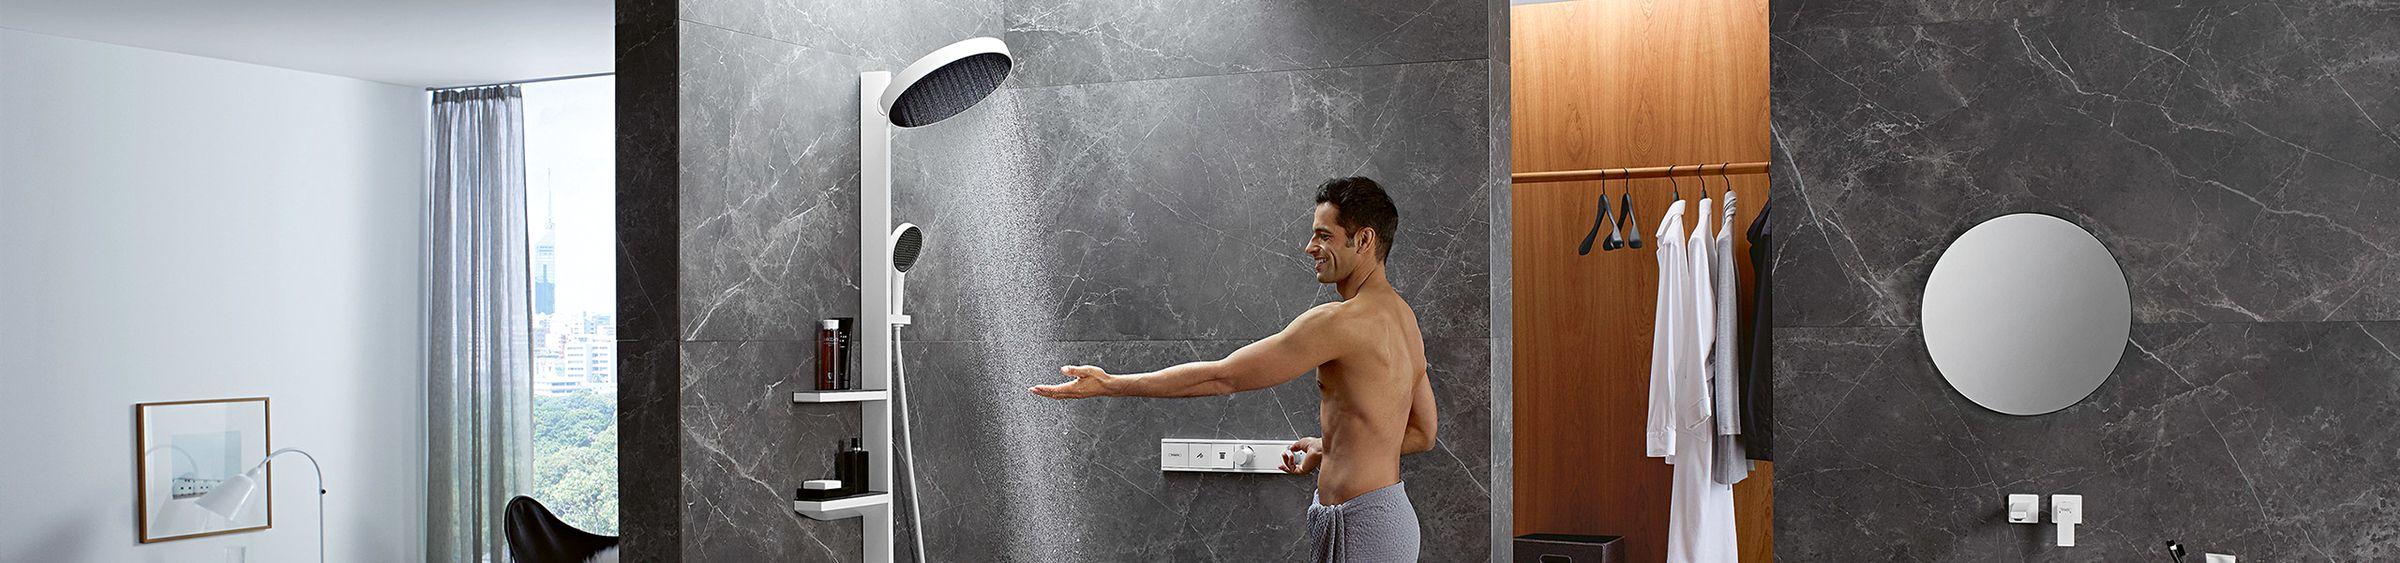 De badkamerinnovaties van dit moment - De badkamerinnovaties van dit moment